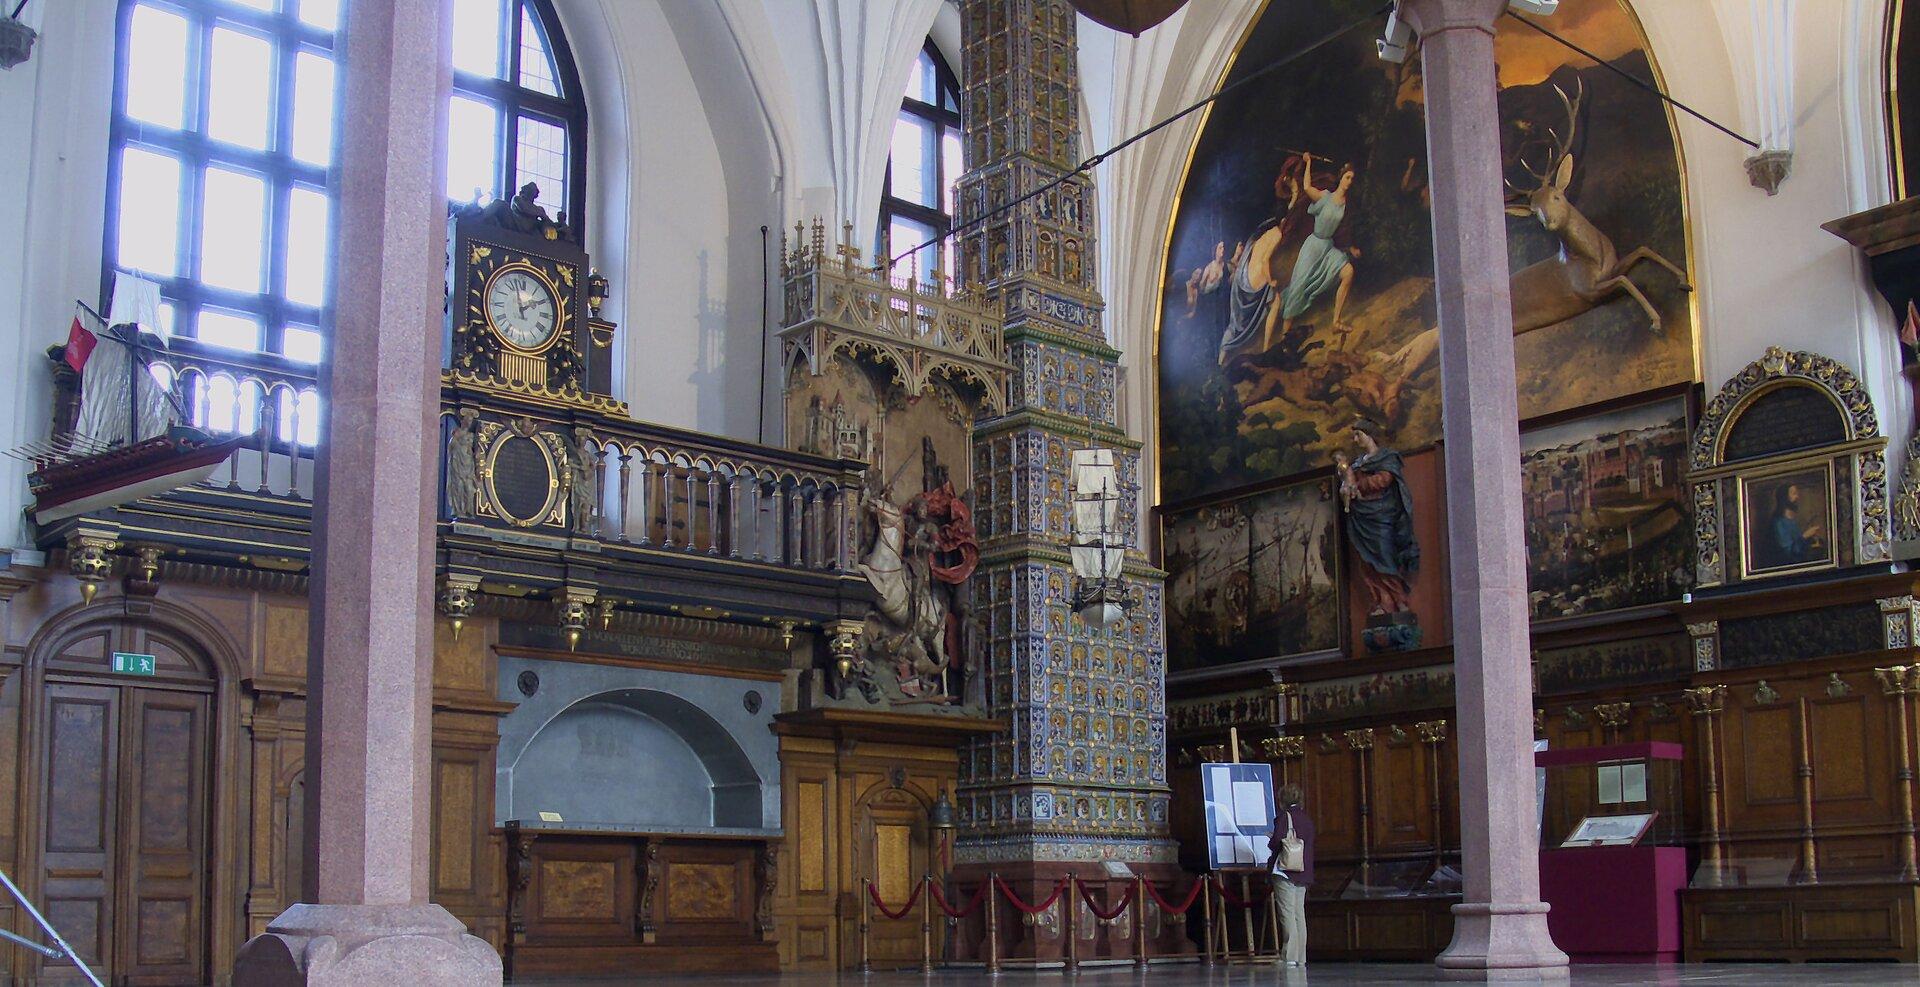 Gdańsk – Dwór Artusa - wnętrze Gdańsk – Dwór Artusa - wnętrze Źródło: PawełS, Wikimedia Commons, licencja: CC BY-SA 4.0.